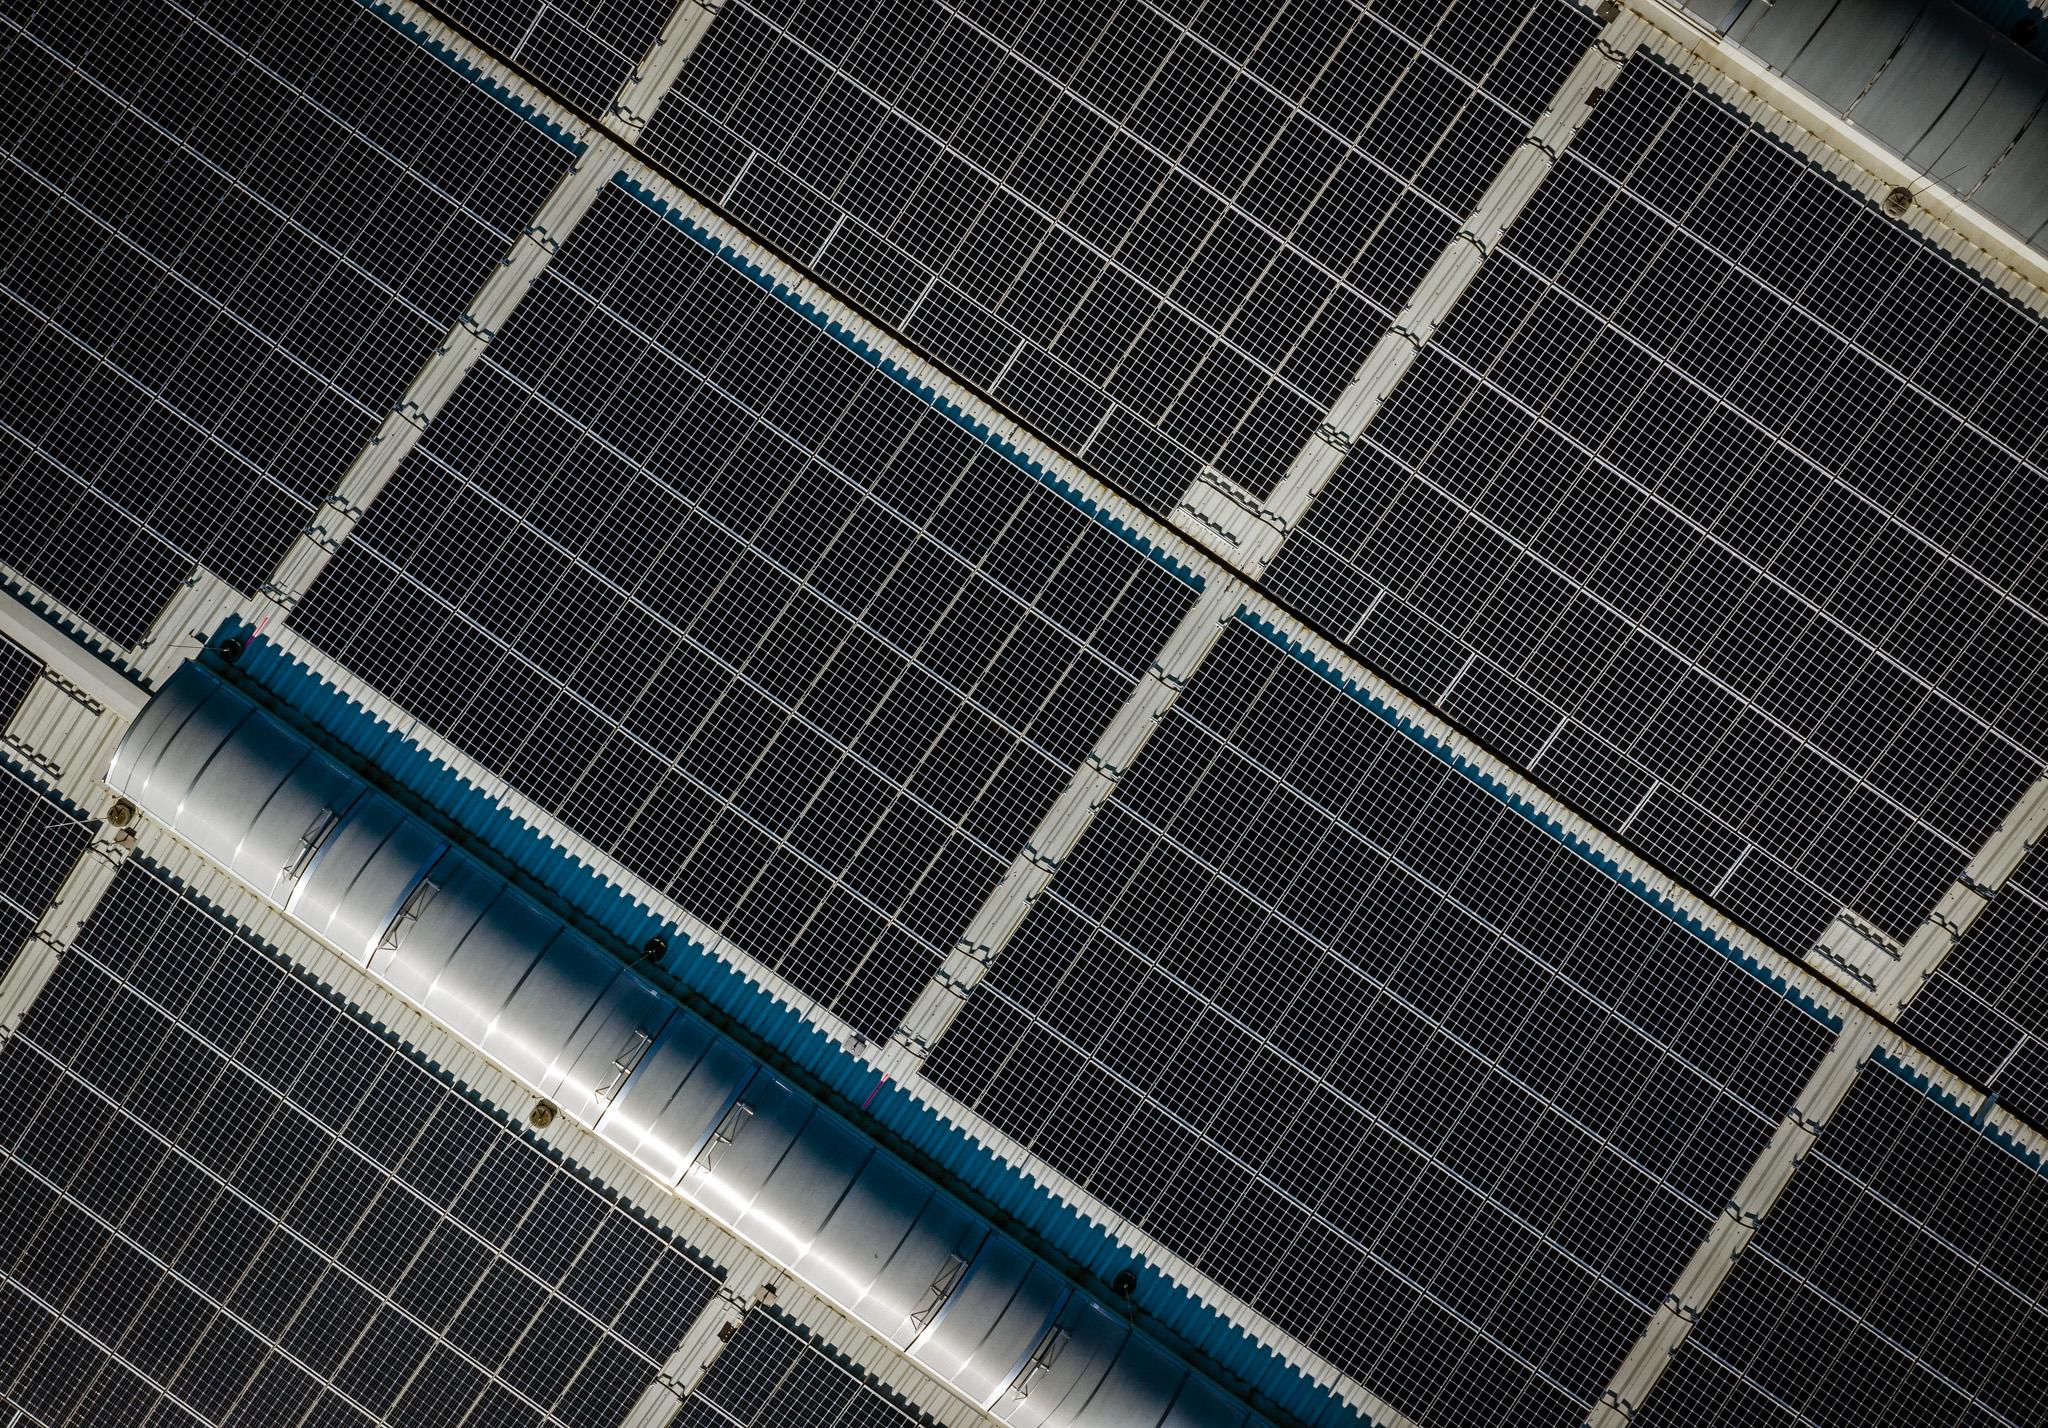 Freiflächen für Solaranlagen gesucht! Foto: TOM BAUER – AD PHOTOGRAPHY